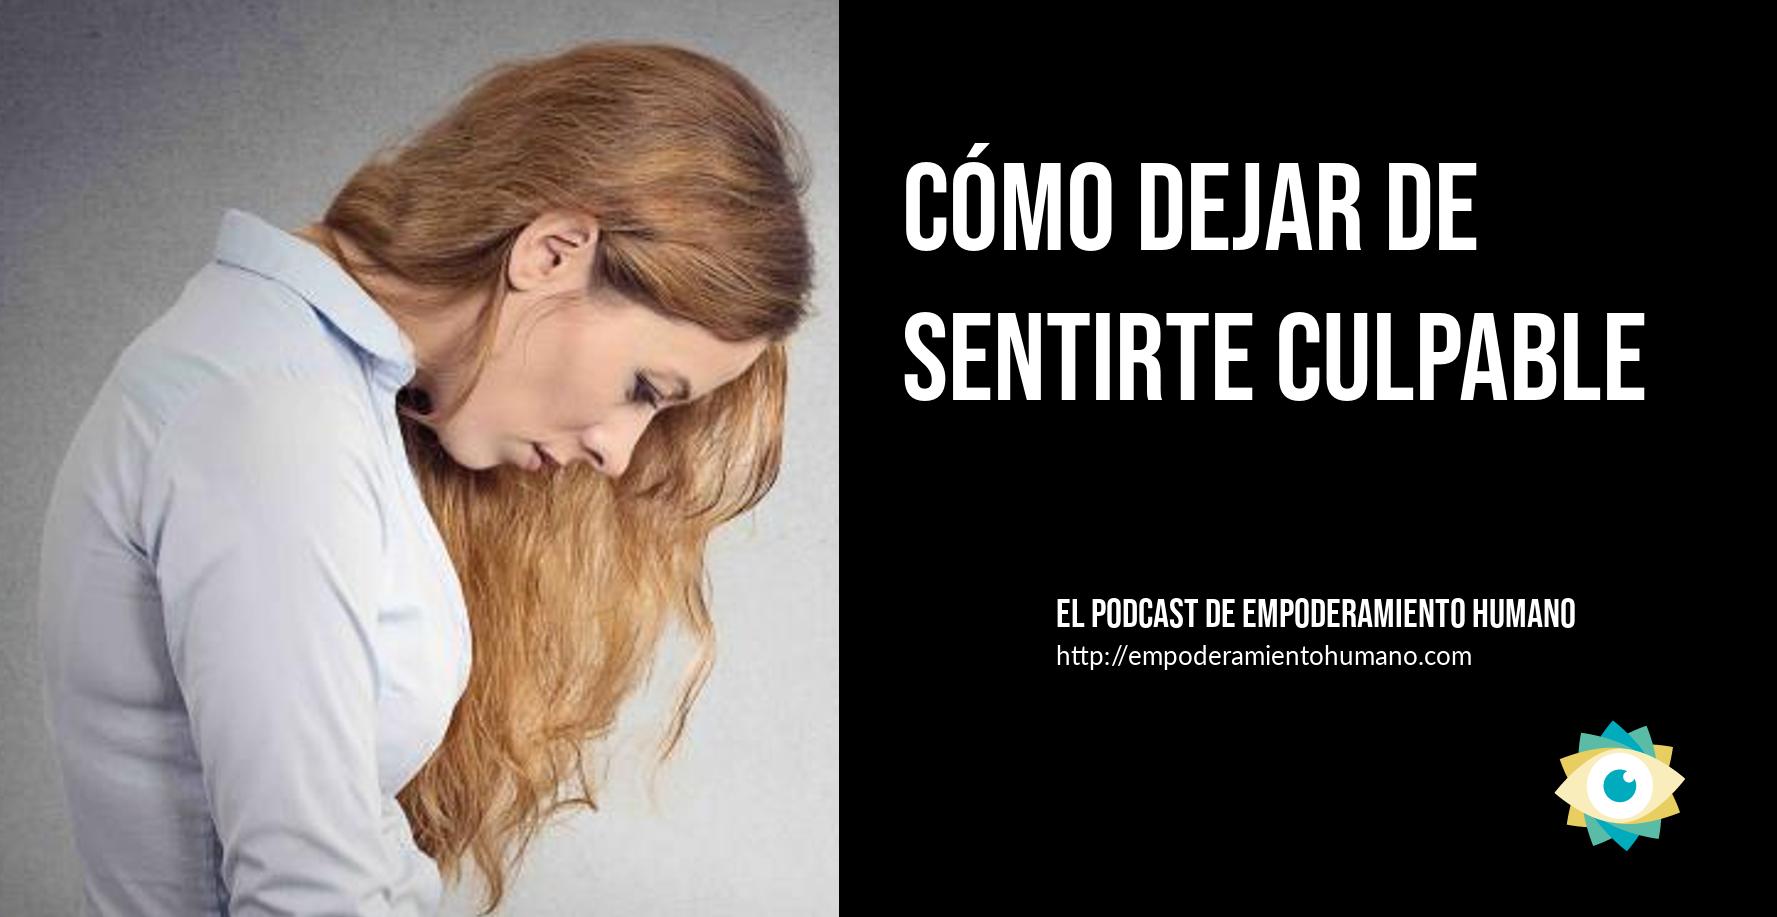 [Podcast 7] Cómo dejar de sentirte culpable